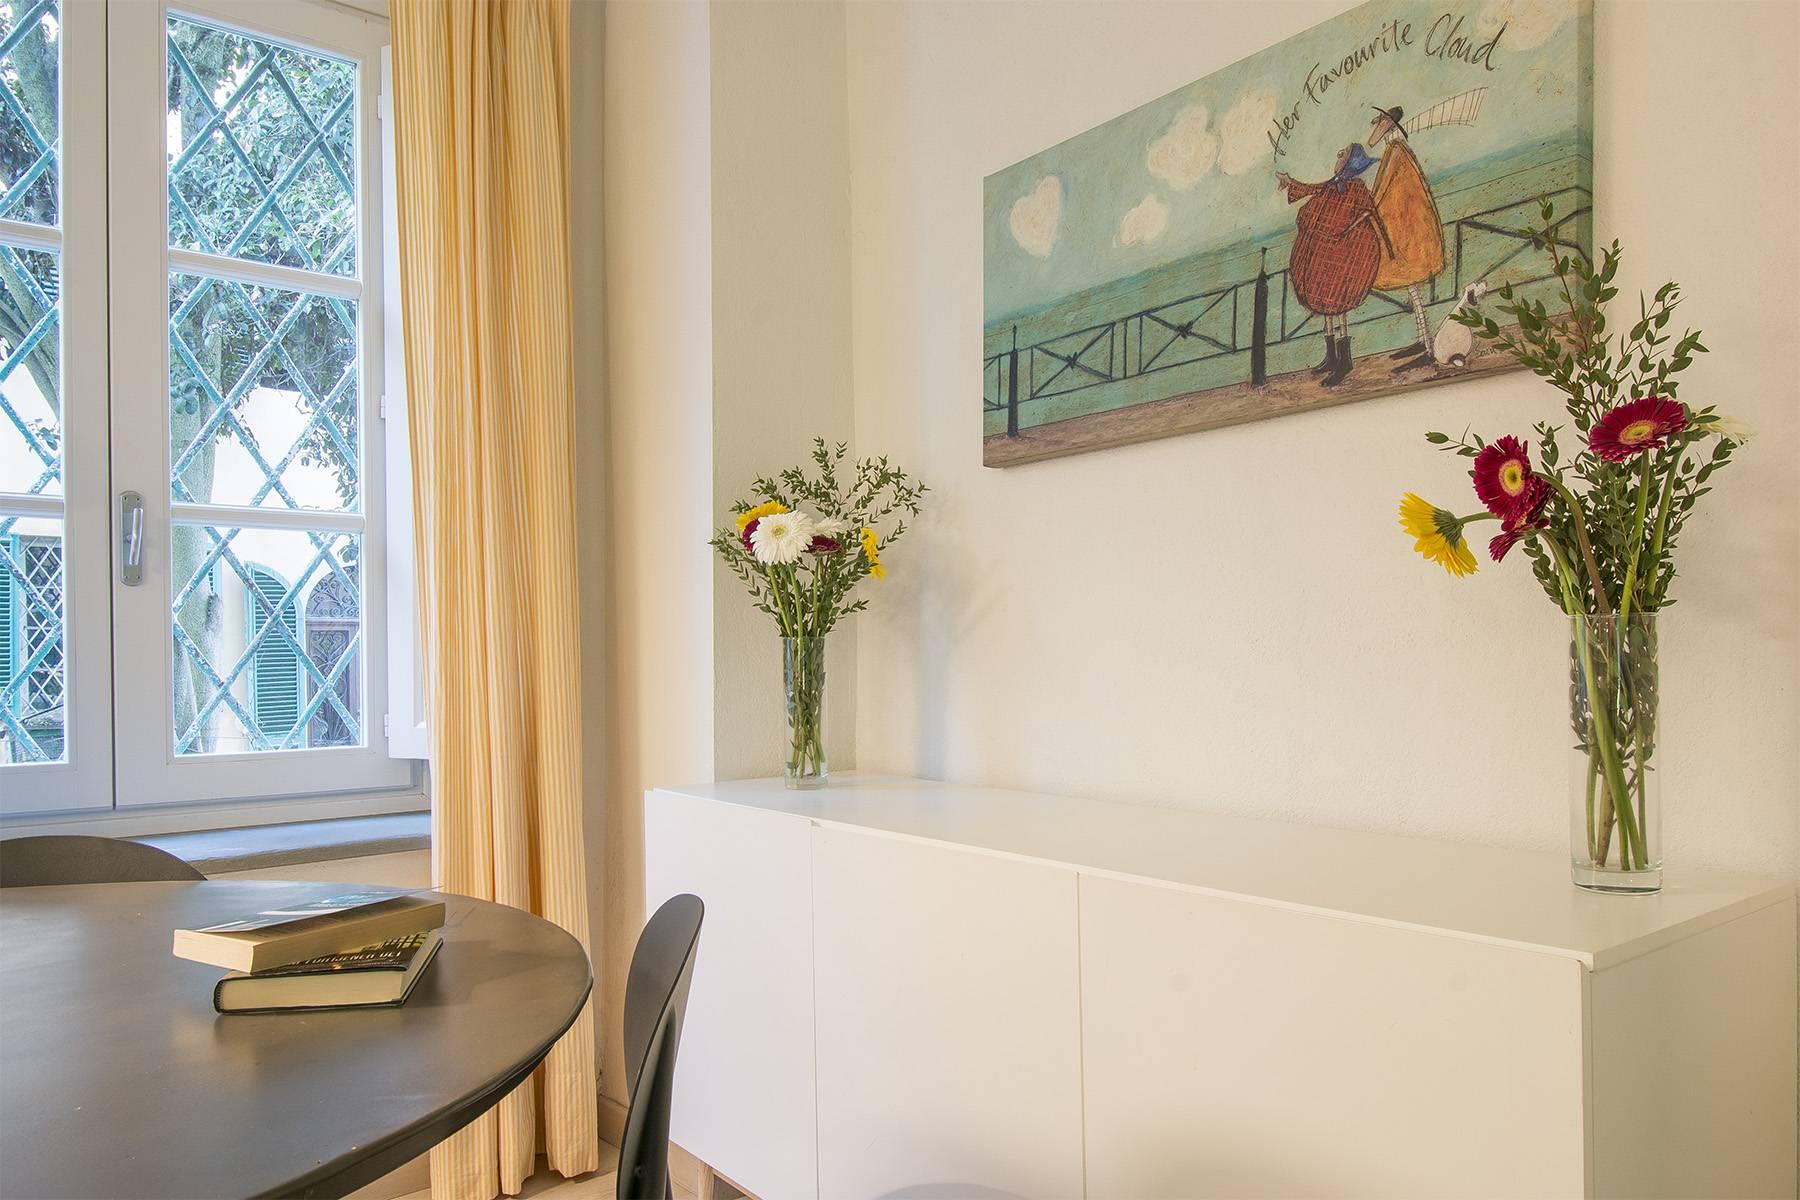 Appartamento in Vendita a Lucca: 3 locali, 105 mq - Foto 16